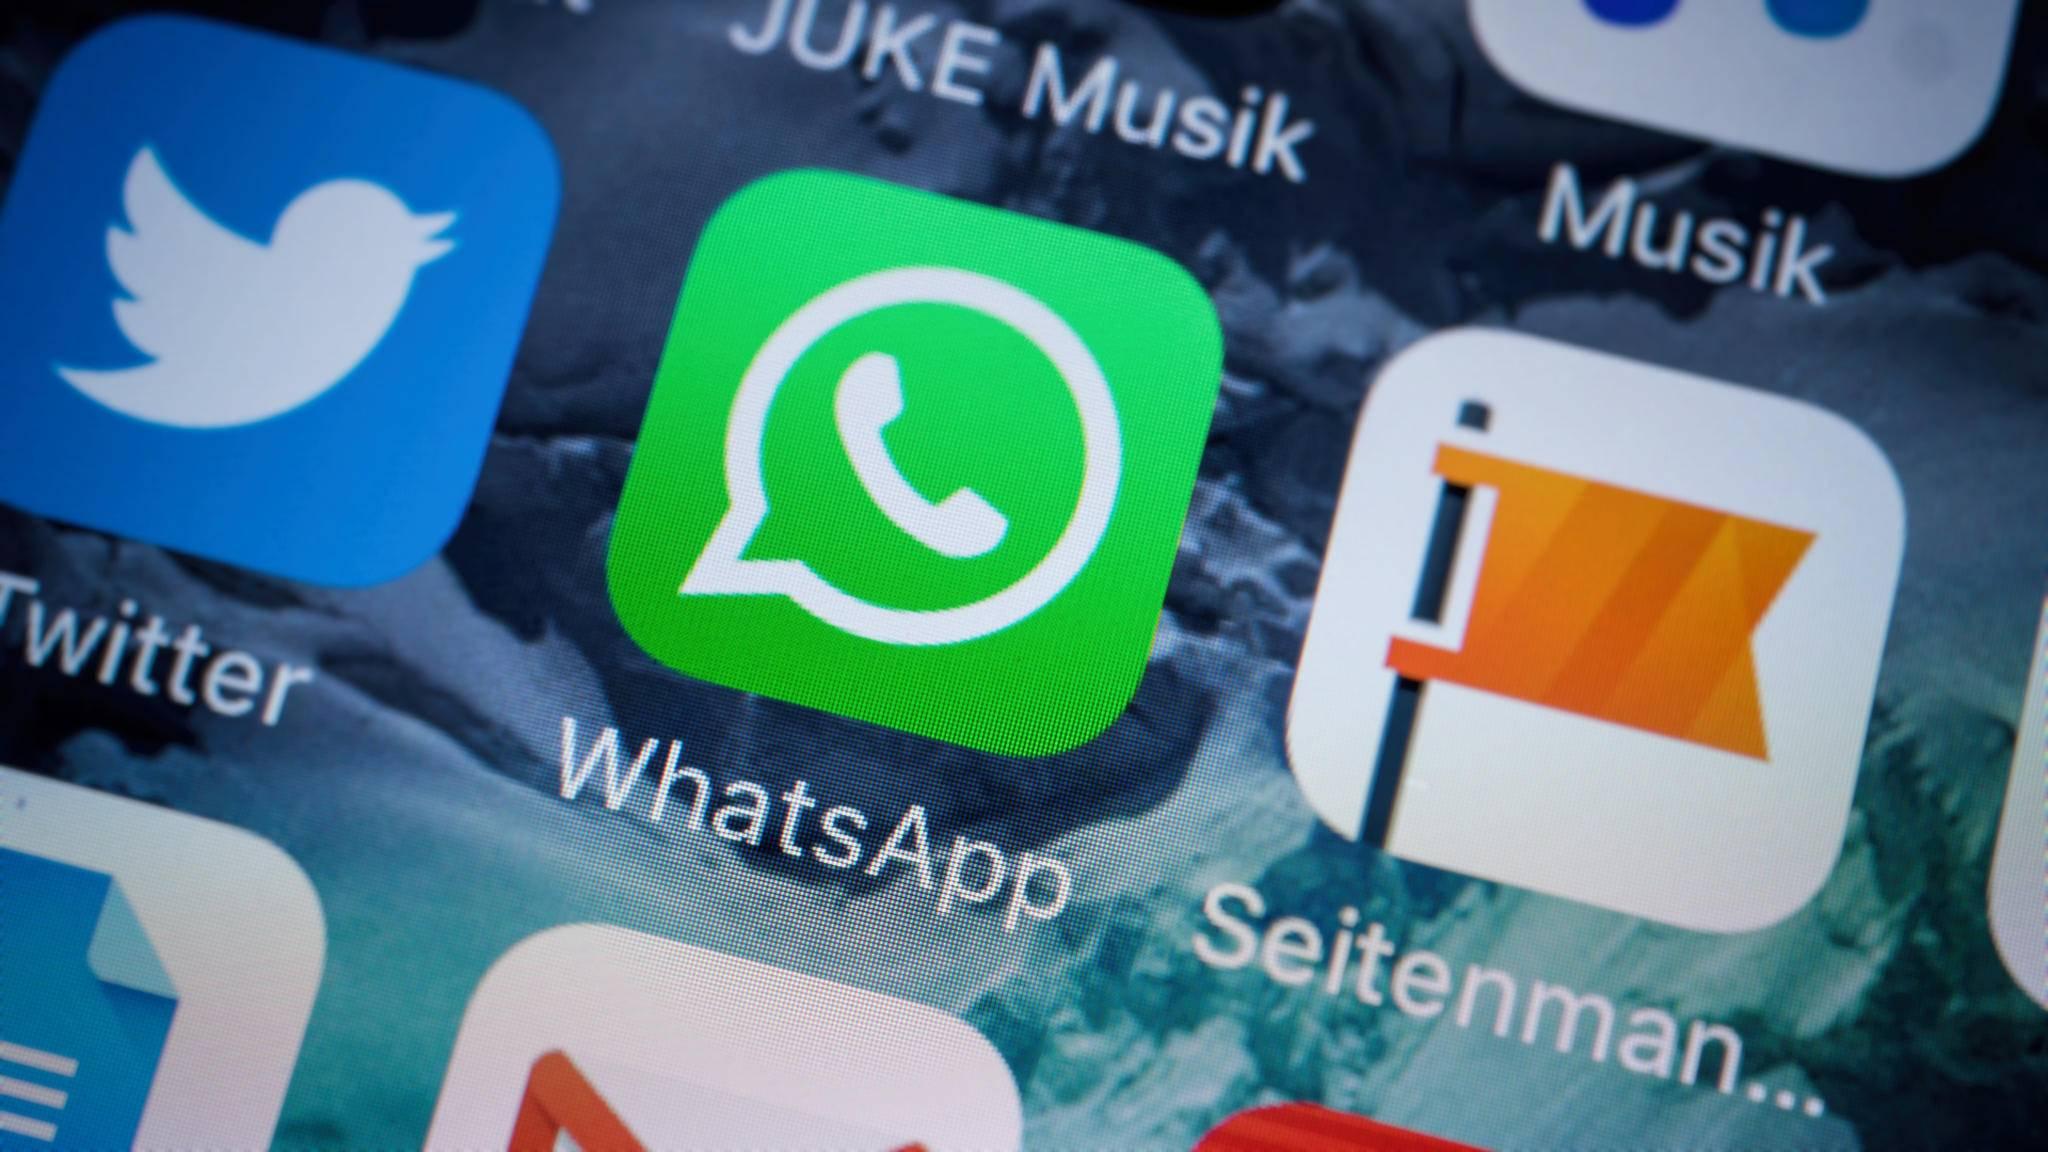 Mit Shortcuts kannst Du WhatsApp noch effizienter nutzen.